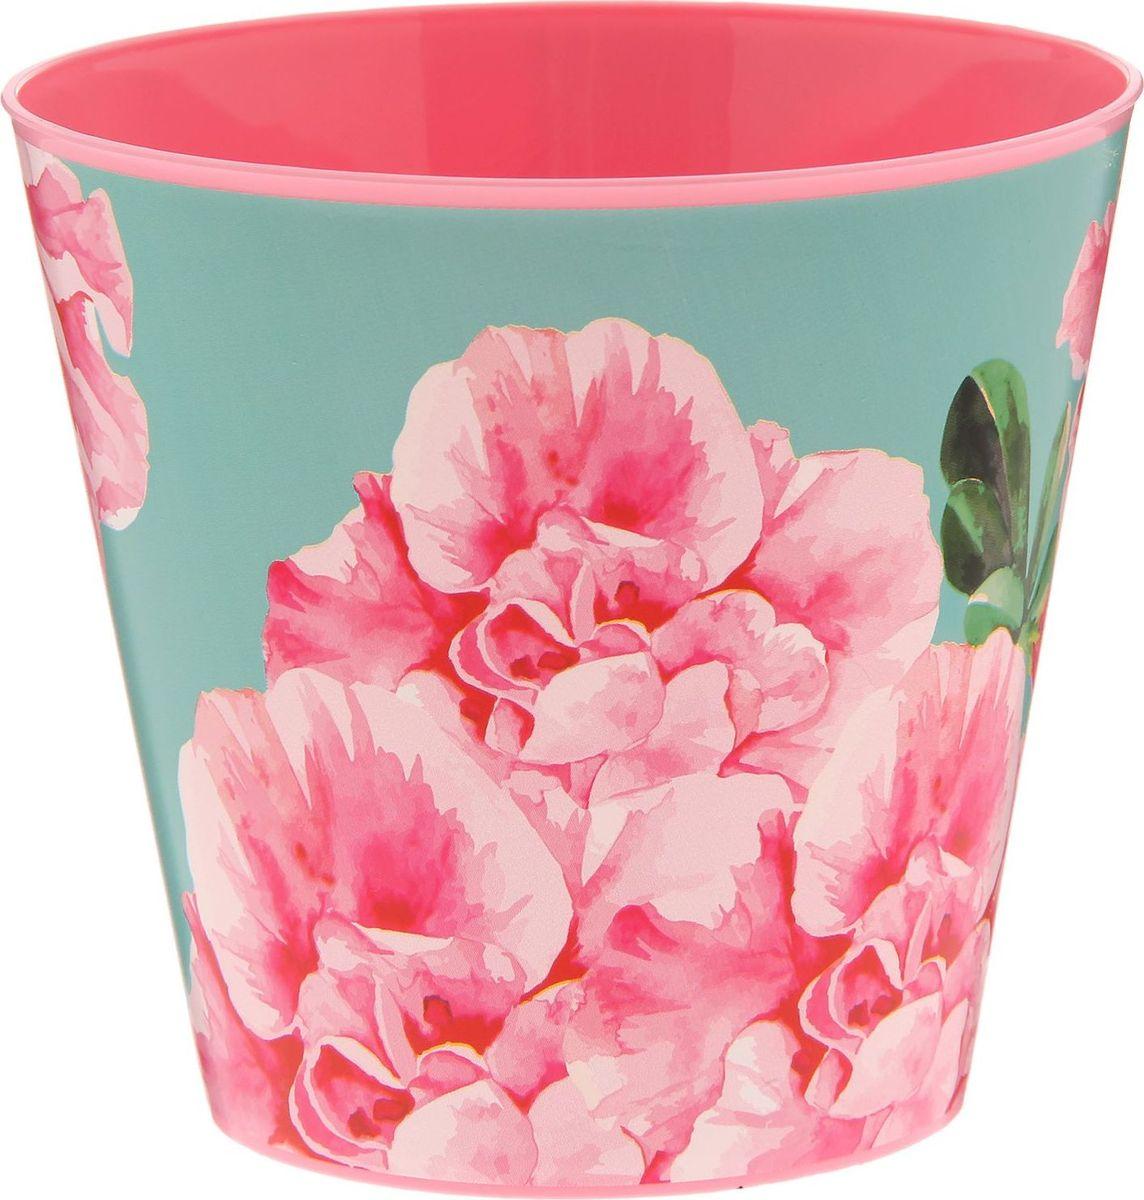 Кашпо Доляна Акварельные цветы, 0,8 л1345292Сложно представить дом, в котором нет растений. Они радуют владельца, очищают воздух, насыщают его кислородом и украшают интерьер. Каждому зеленому помощнику необходим собственный оригинальный домик, и кашпо Акварельные цветы прекрасно справится с этой ролью. Легкое и прочное изделие позволит вам создать чудесные цветочные композиции, вырастить рассаду или необычные растения. Диаметр основания - 8 см.